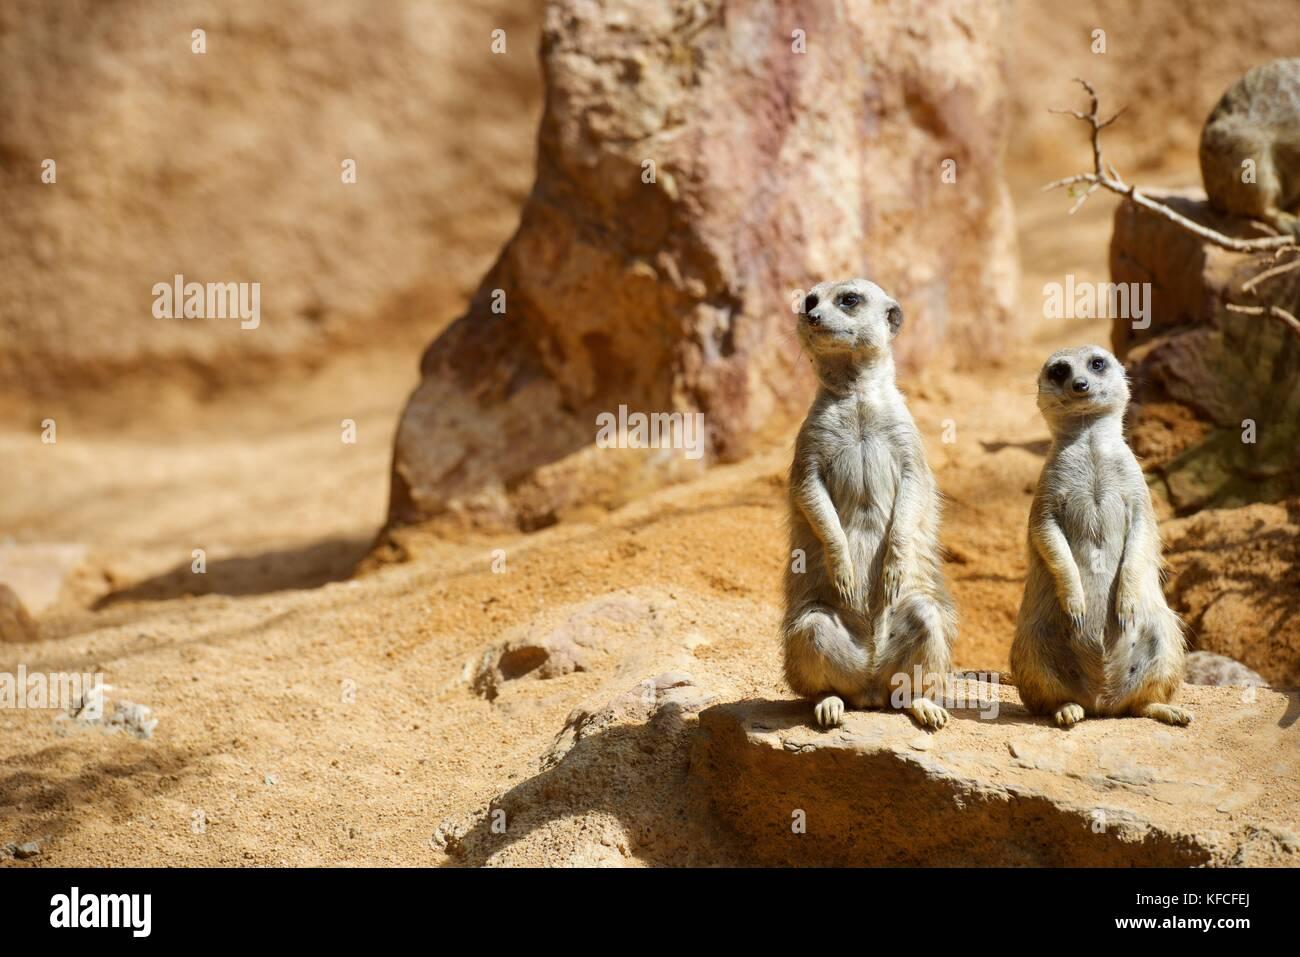 Erdmännchen im Zoo. Tier in Gefangenschaft fotografiert. Valencia, Spanien. Stockfoto